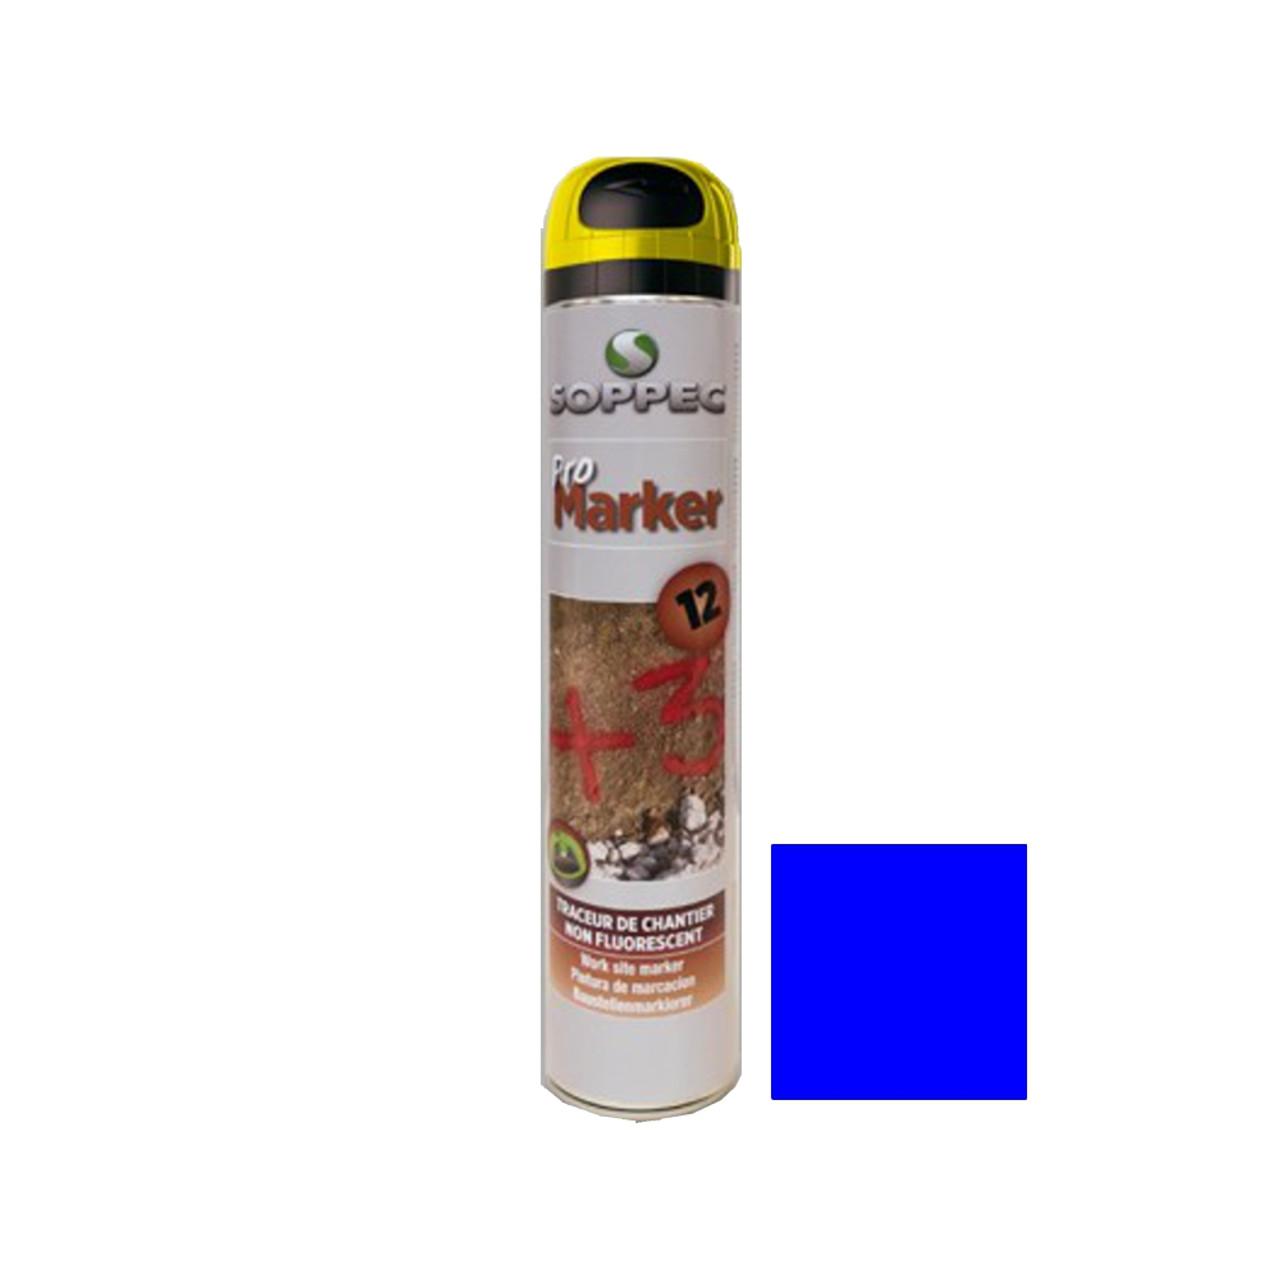 Soppec Spray Paint Promarker Blue 750ml (142501N)